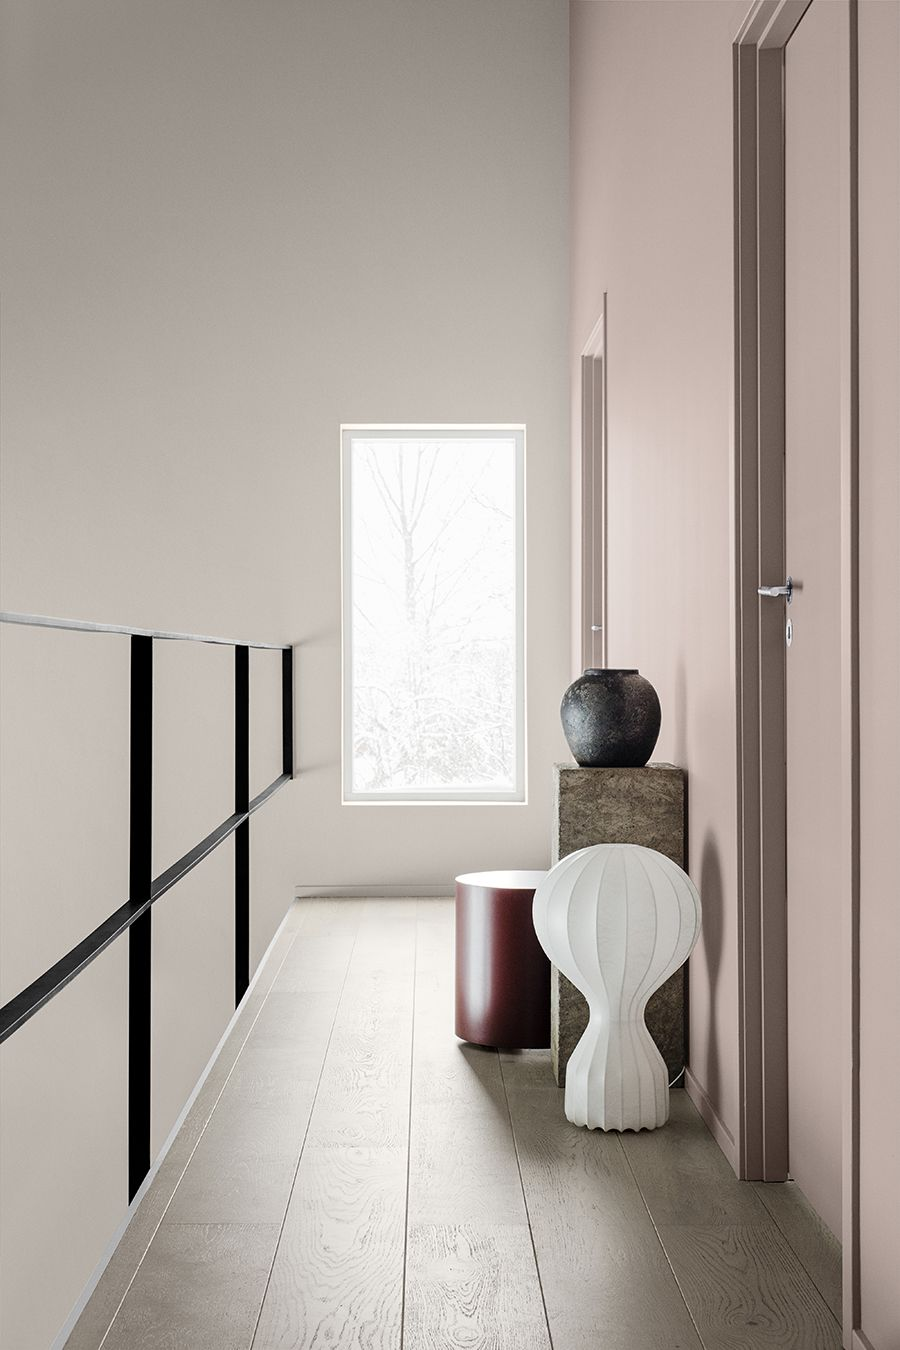 Flur Mit Rosa Wandfarbe Modern Skandinavisch Schlicht Reduziert Einrichten  Wohnen Dekorieren Interieur Interior Design Wohnidee Wohninspiration